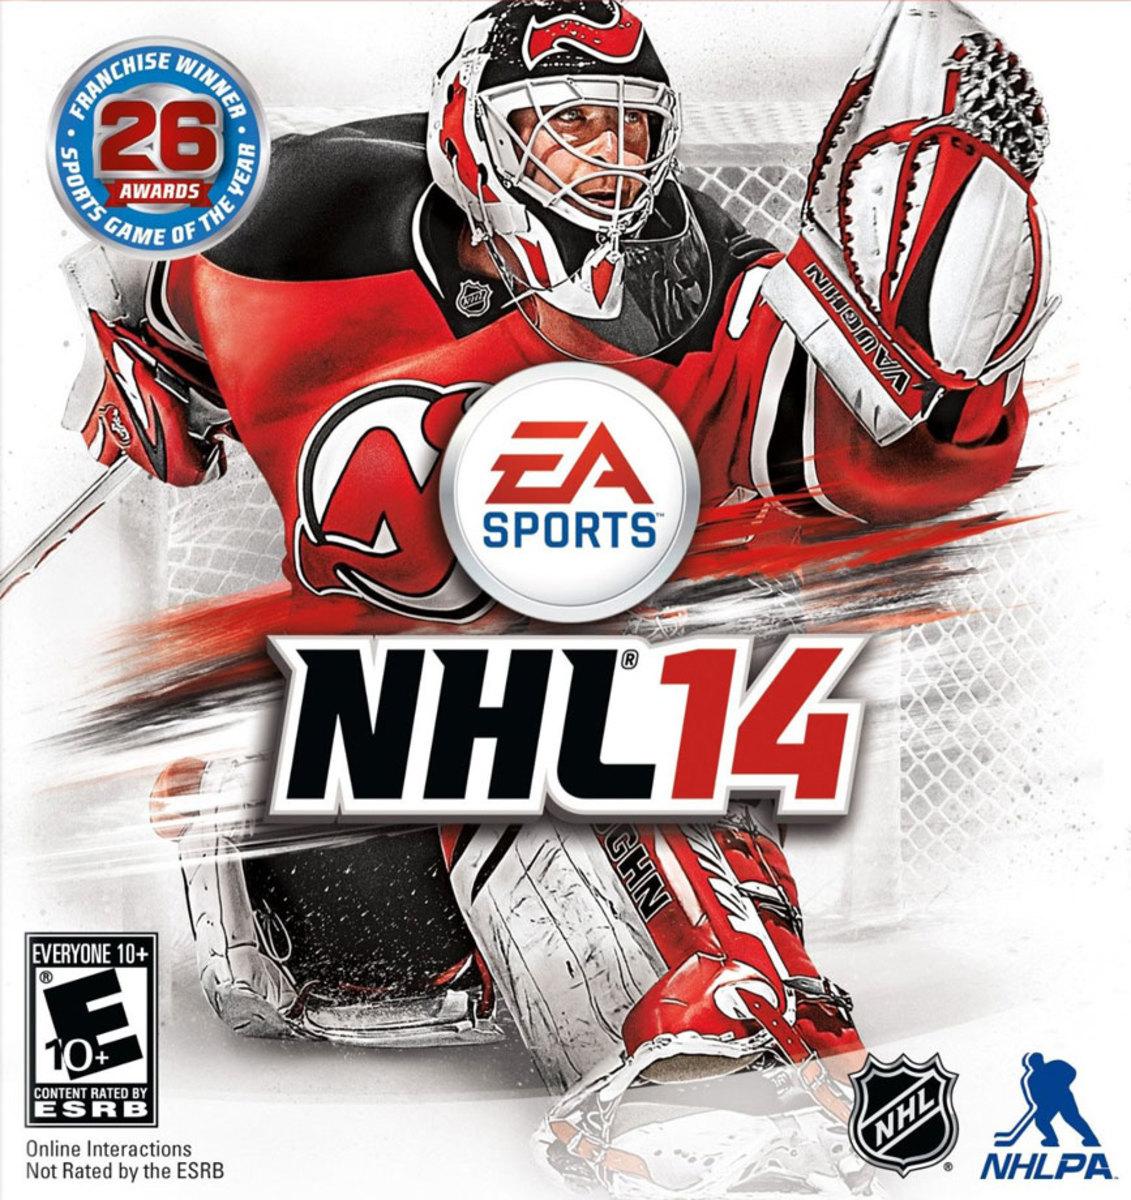 2013-Martin-Brodeur-EA-NHL-14-cover-.jpg